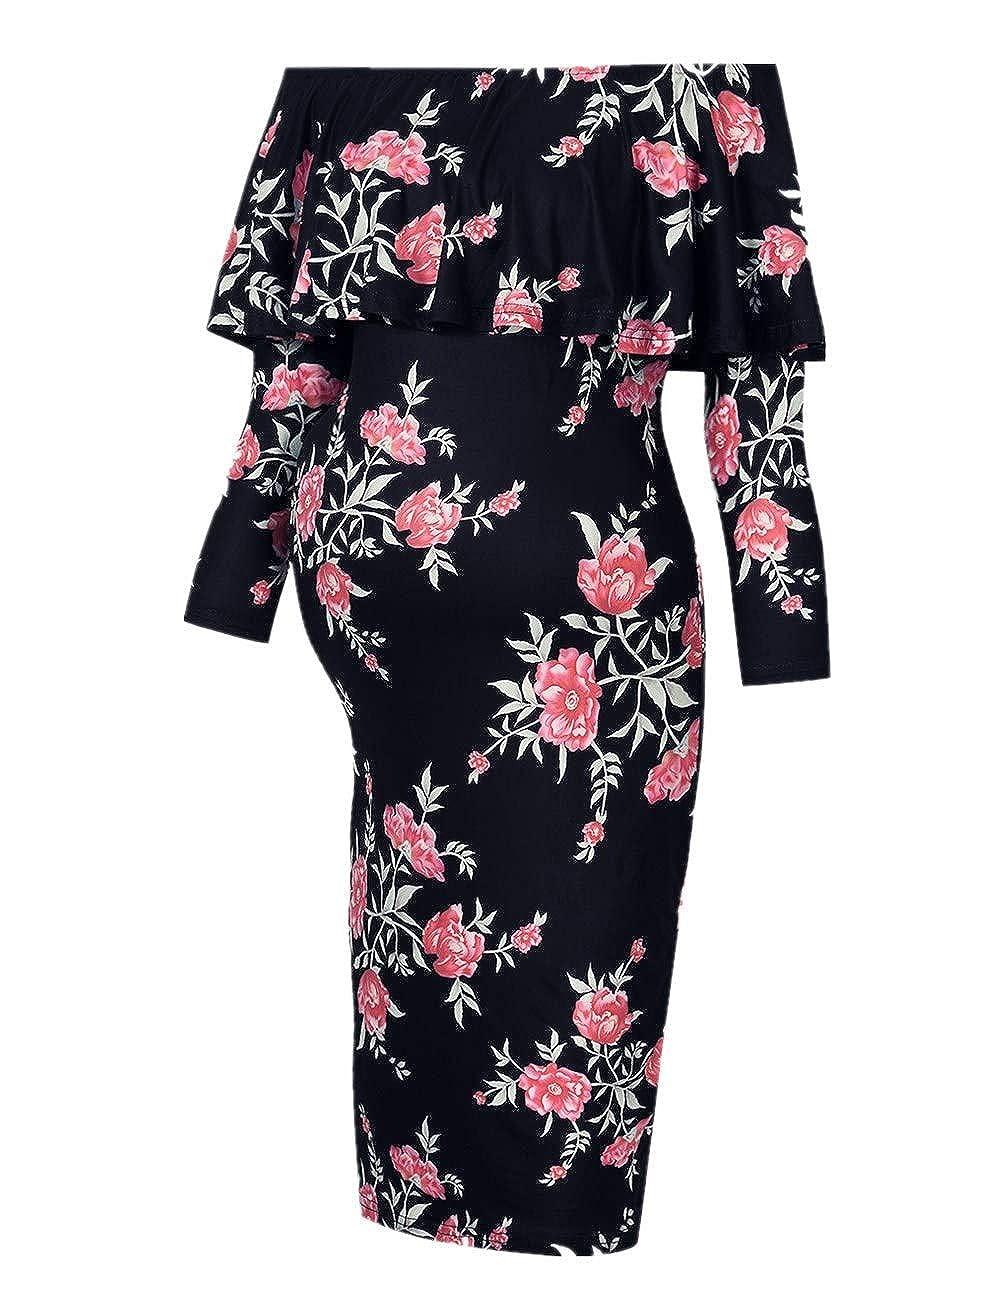 MissQee DRESS レディース B07GBQHWCH Small|Black Flower-long Black Flower-long Small